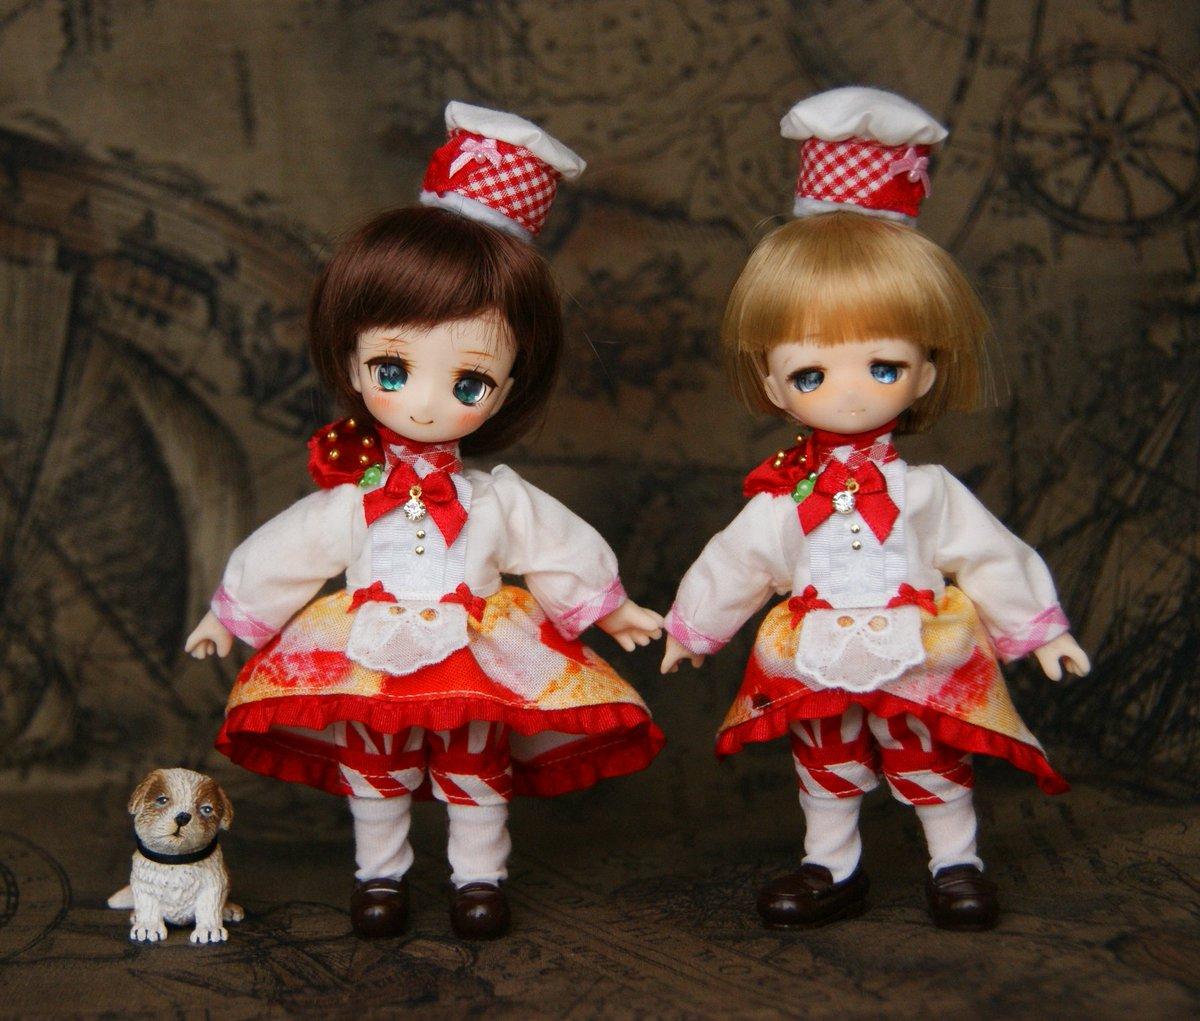 ショートケーキのお洋服  #OBドール #OBヘッド #クルスドール #みゅ~らぼアイ #valentine #バレンタイン #ジュエルドール #シトリンヘッド #星空工房 #オビツ11 #obitsu11